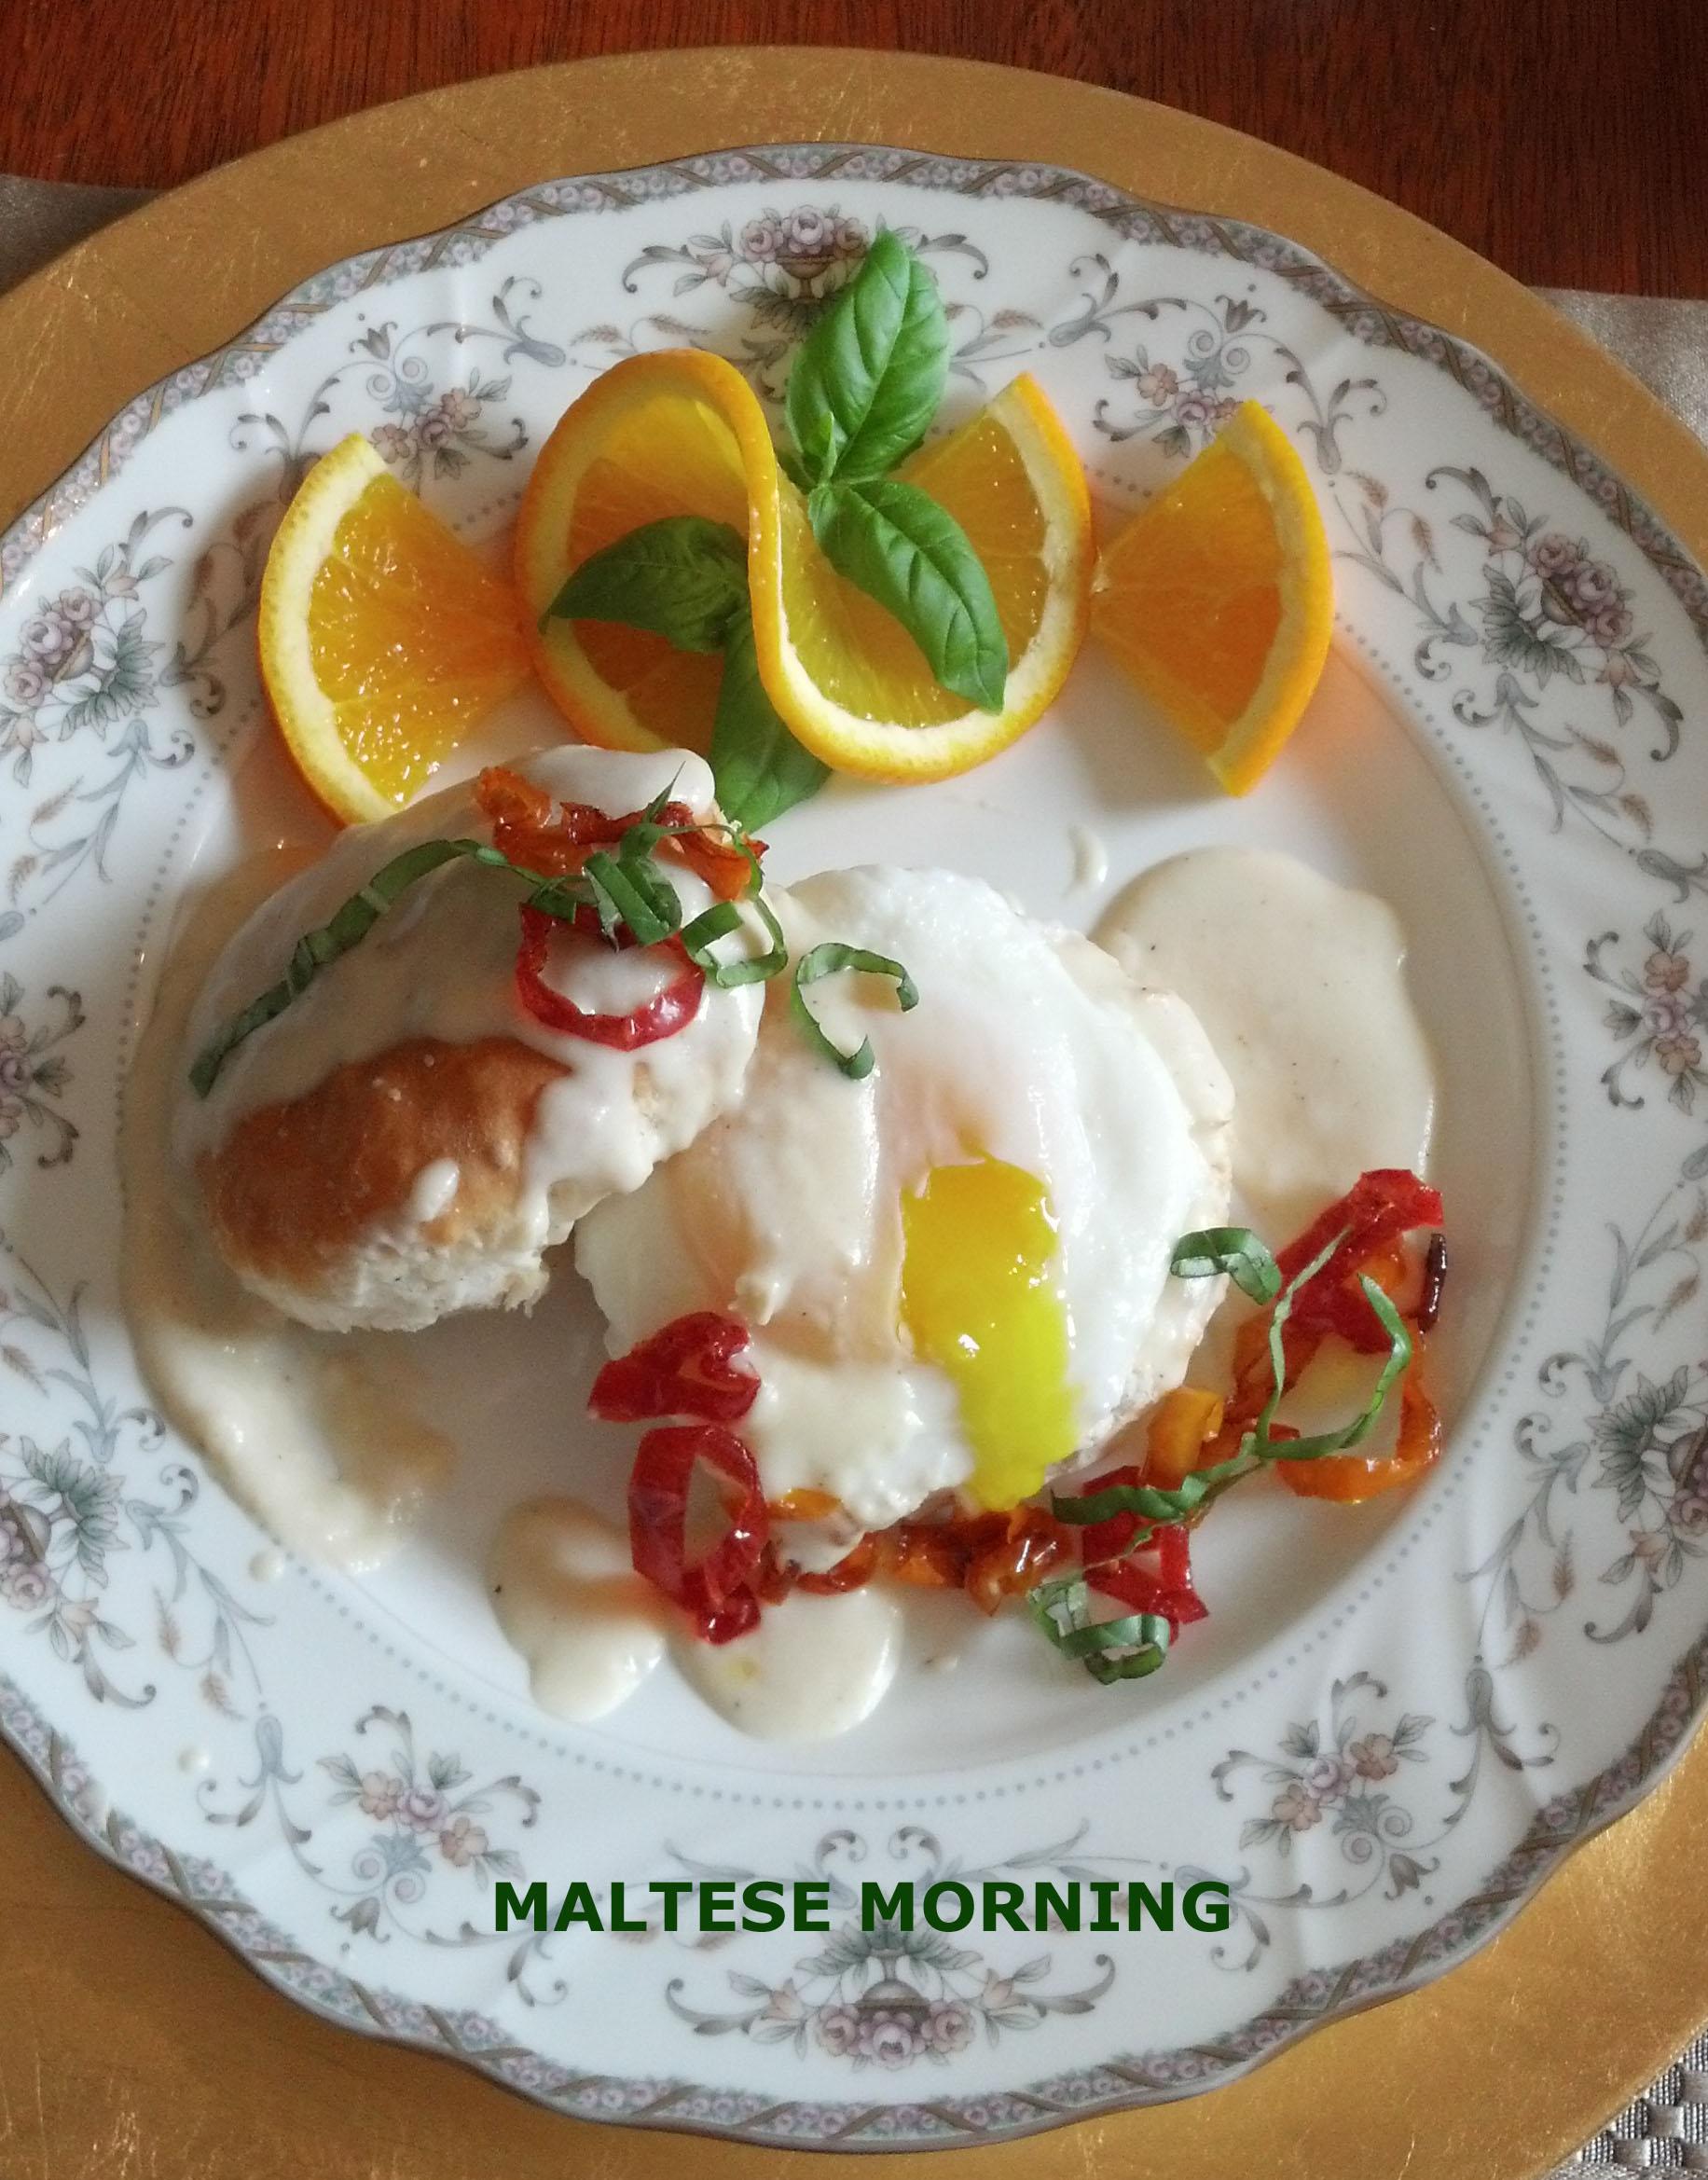 Maltese Morning